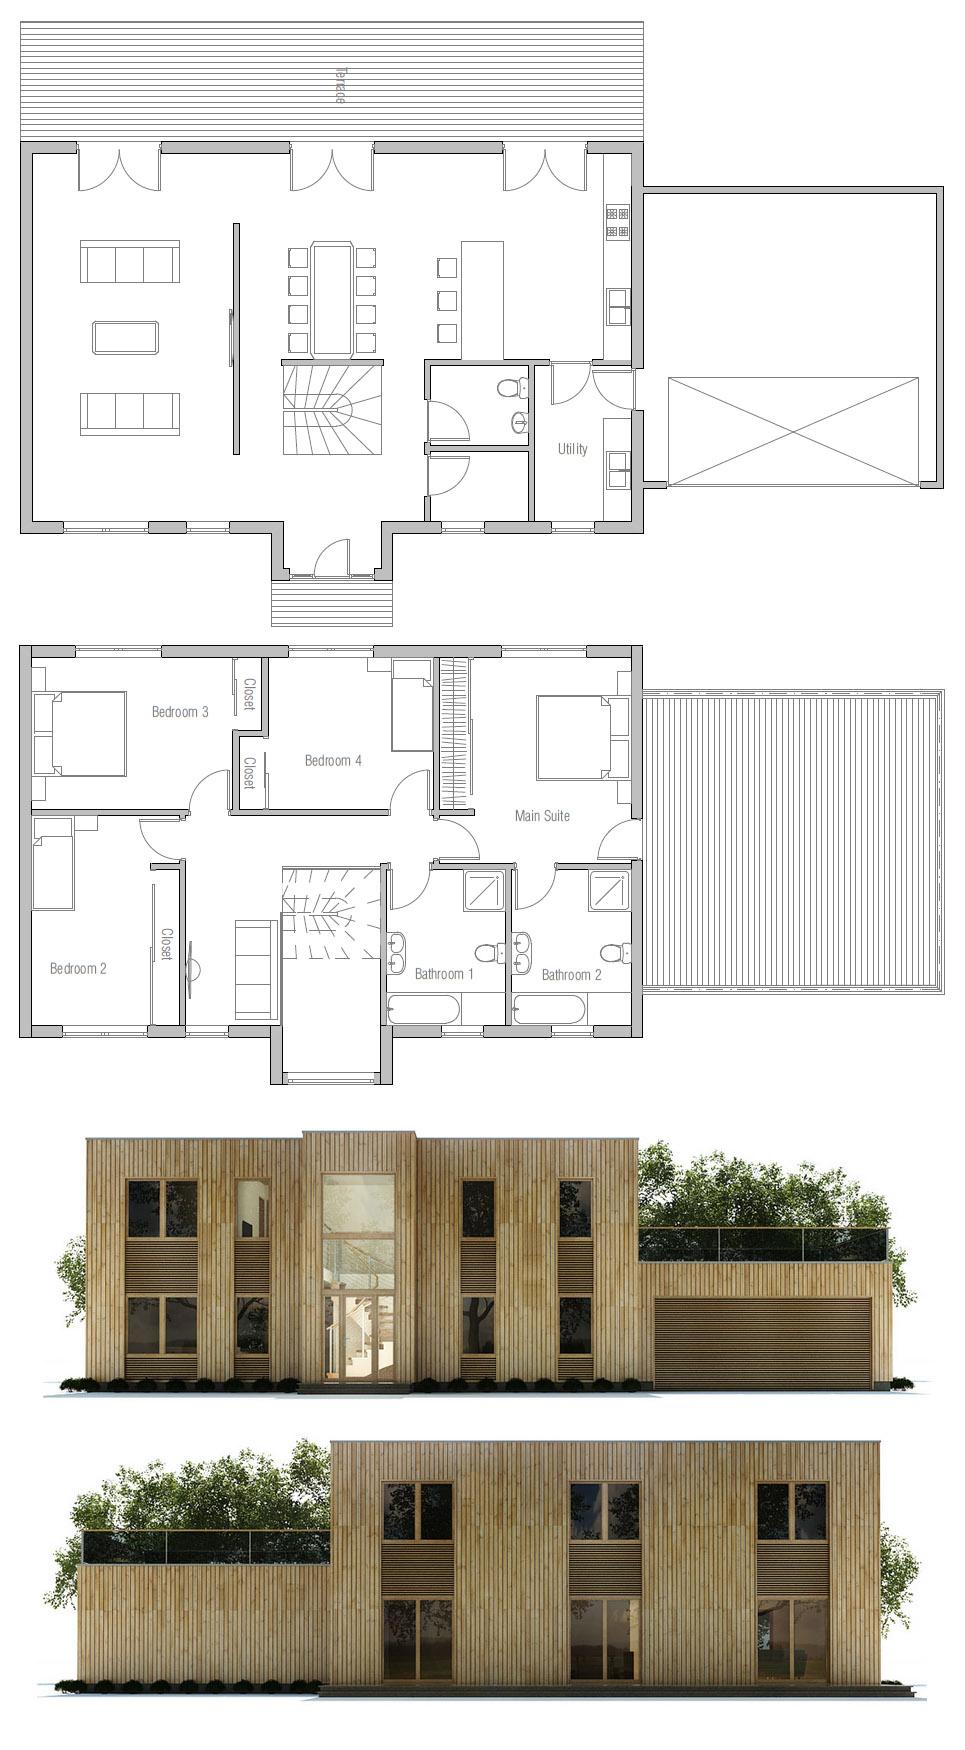 Plan De Maison Maison Projet De Maison Plandemaison Maison Projetdemaison Maison Alaprajz Hazak Apro Hazak